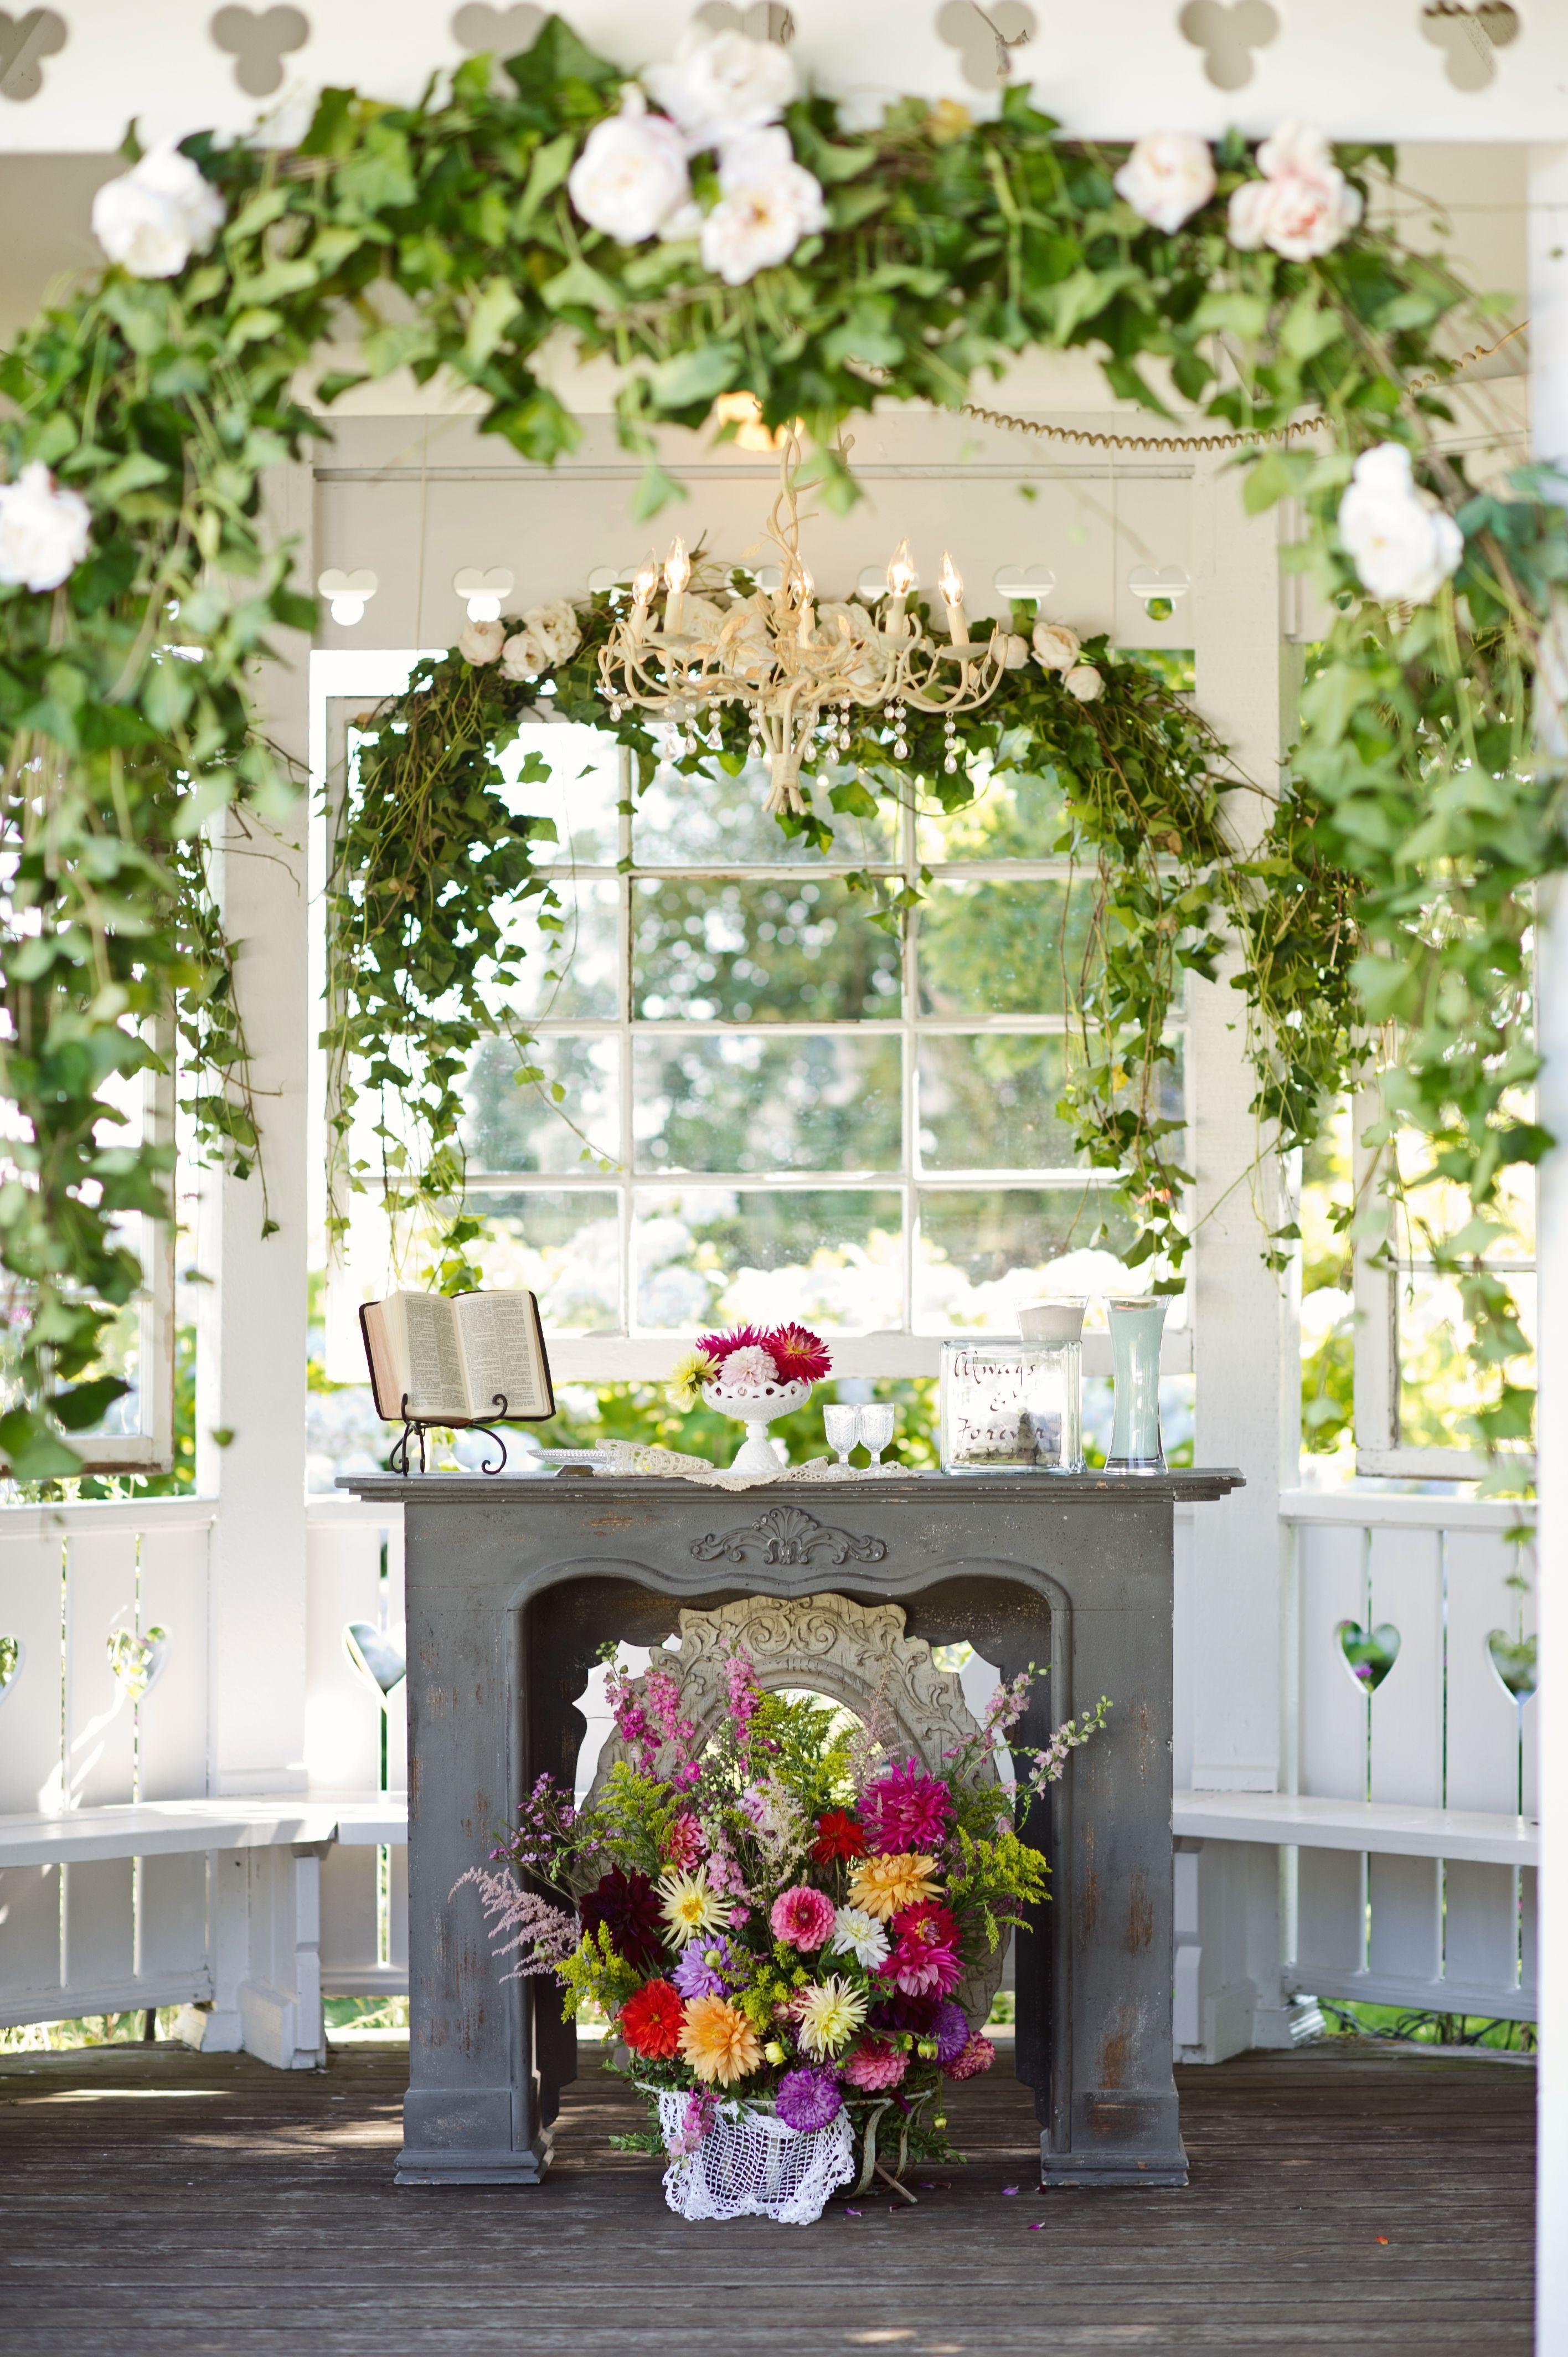 22+ Rustic wedding arch rental ideas in 2021